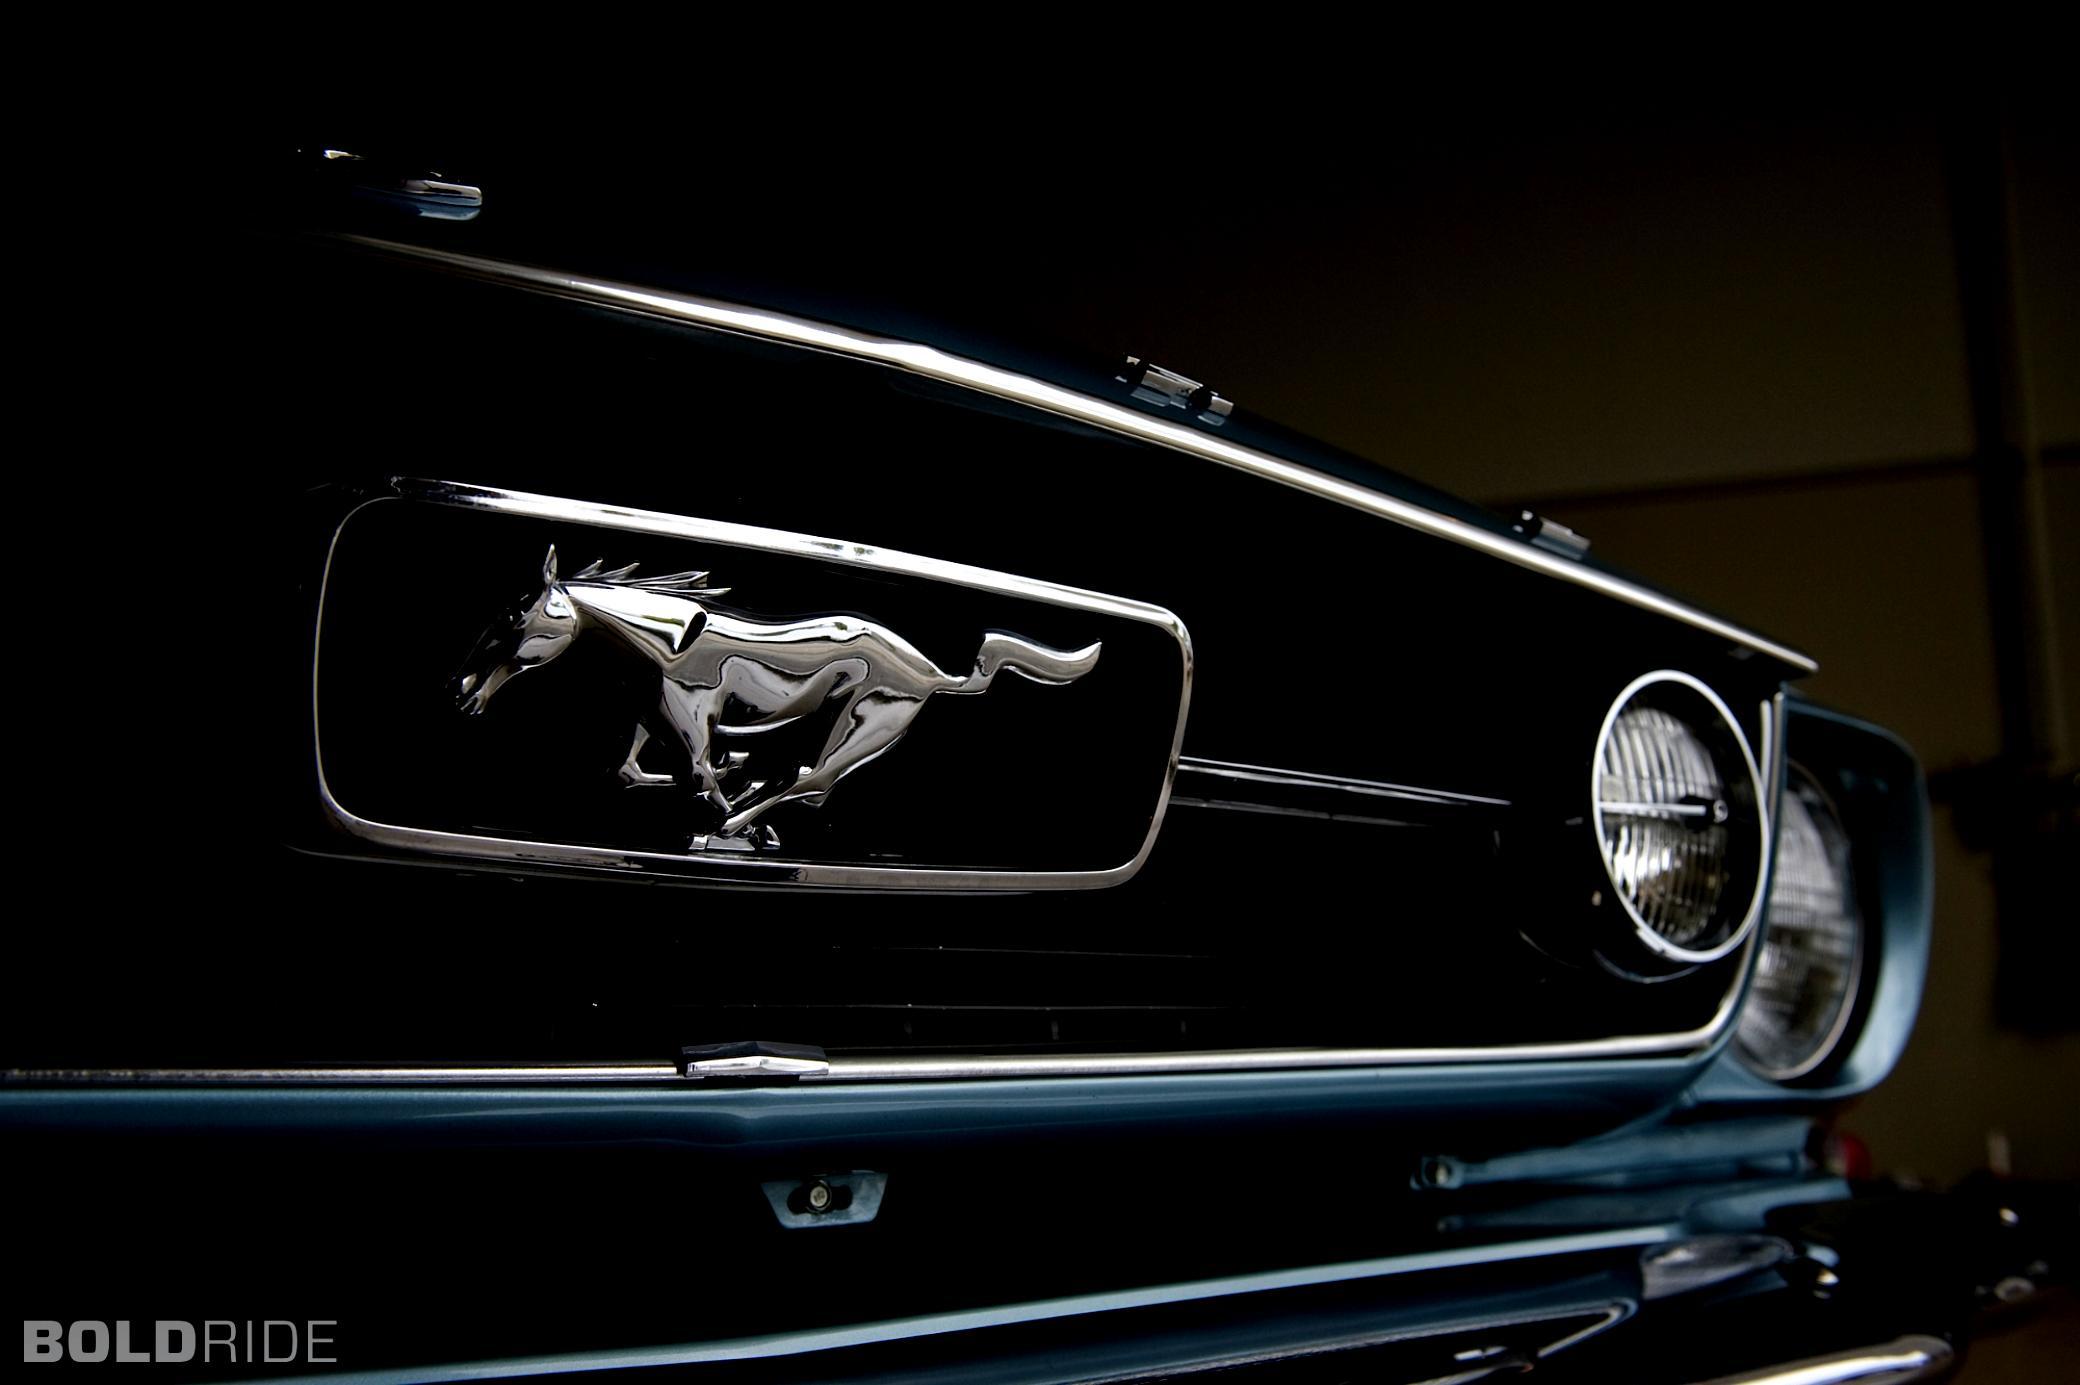 1966 Mustang Wallpaper for Computer - WallpaperSafari